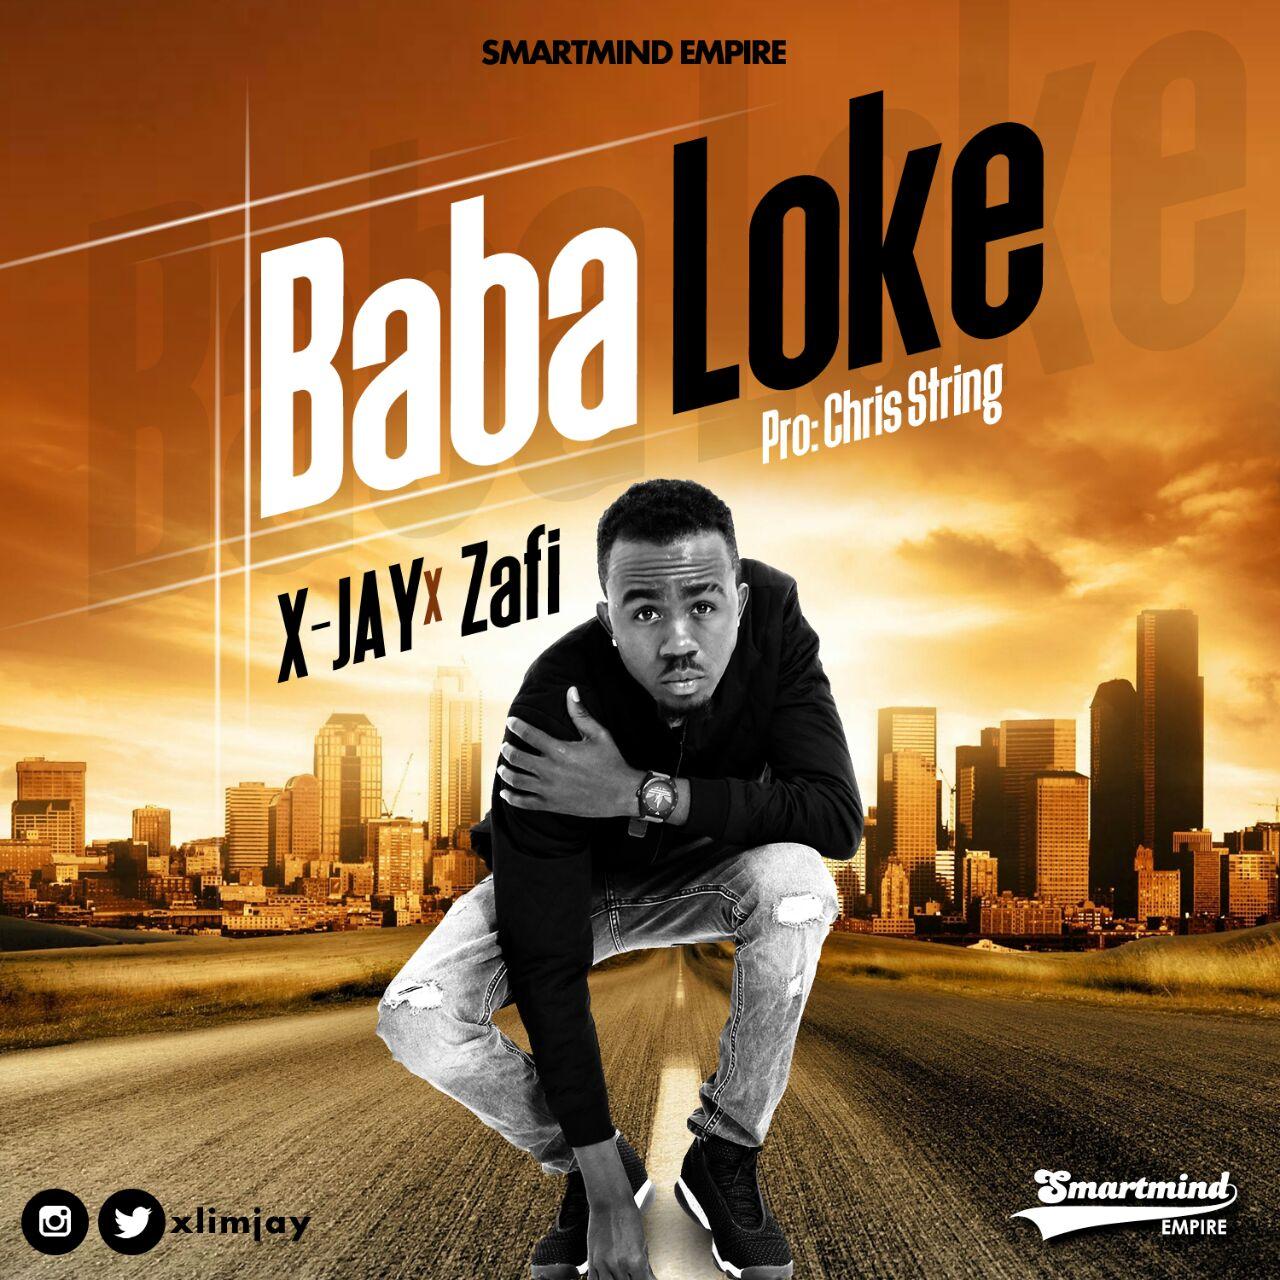 X-Jay ft. Zafi – Baba Loke (Prod. Chris String)